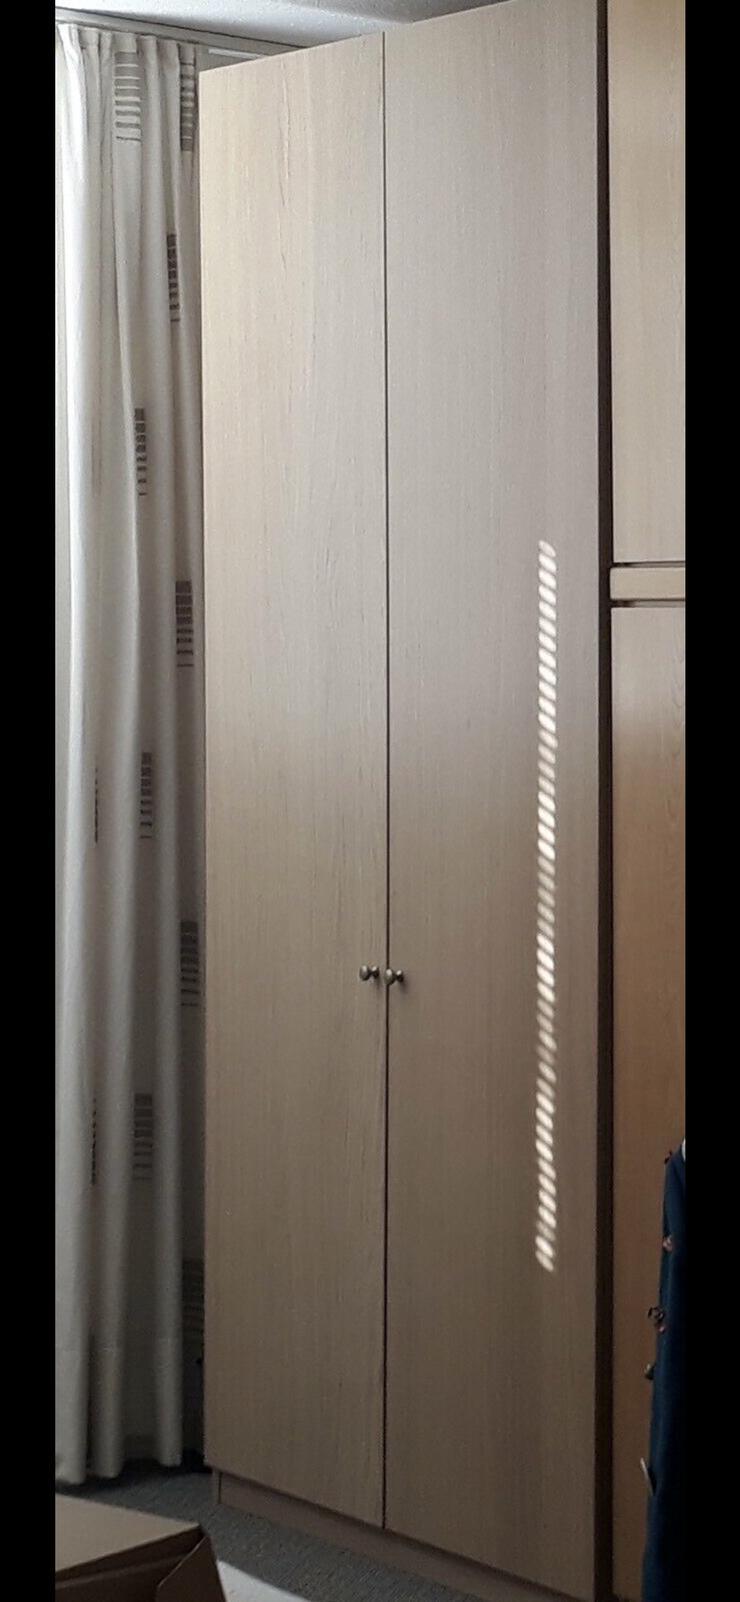 Pax Kleiderschrank  - Kleiderschränke - Bild 1